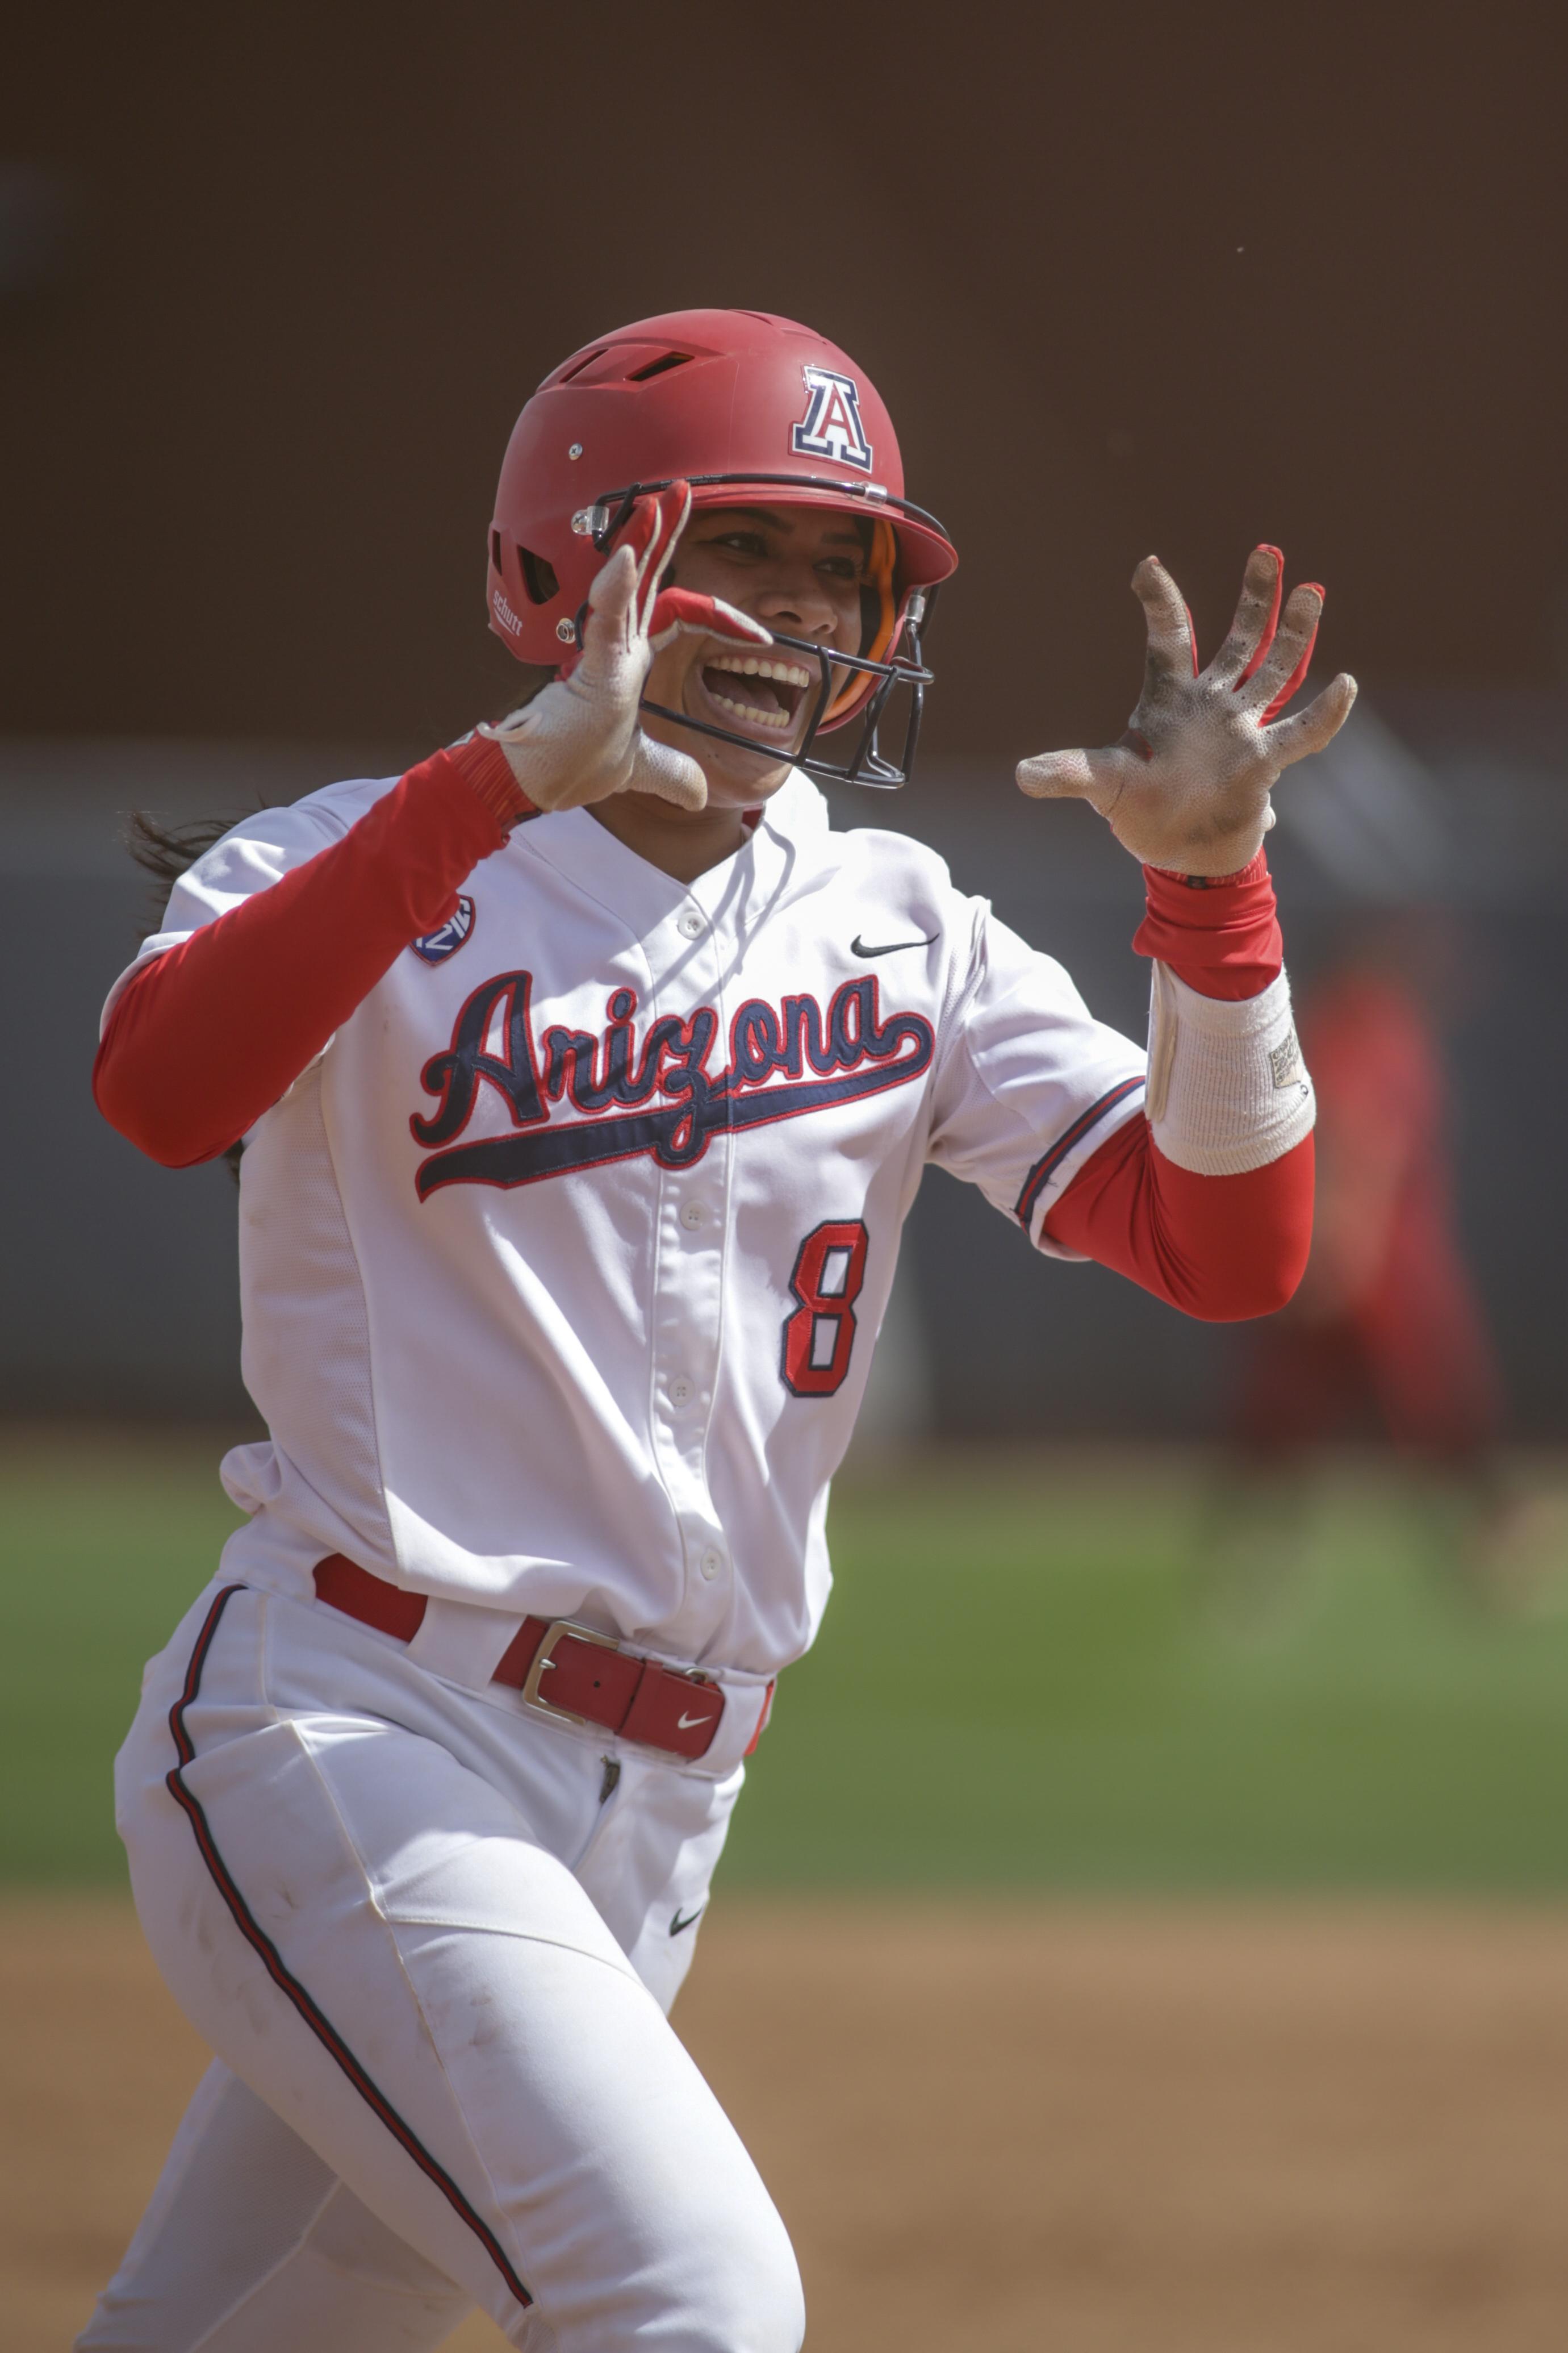 Dejah Mulipola runs the bases after hitting a homer.